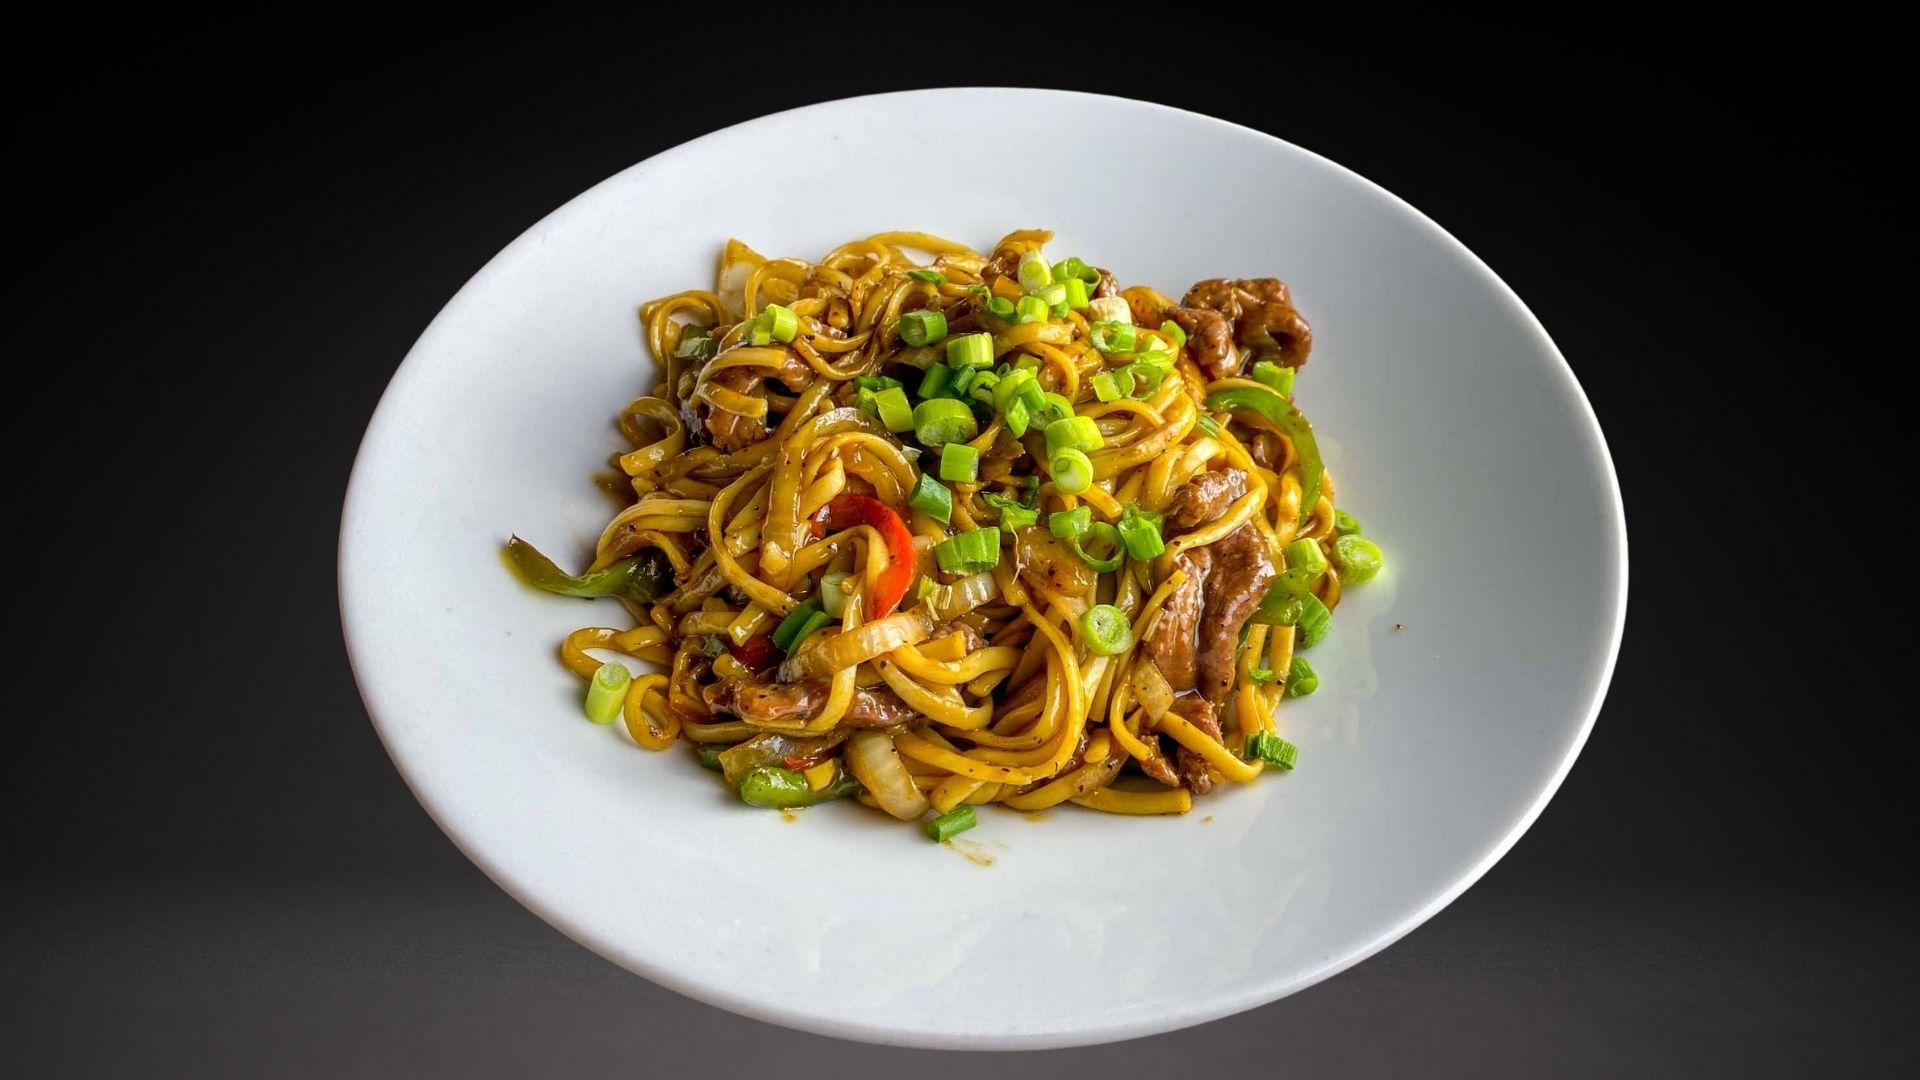 Pier53 - Beef Noodles